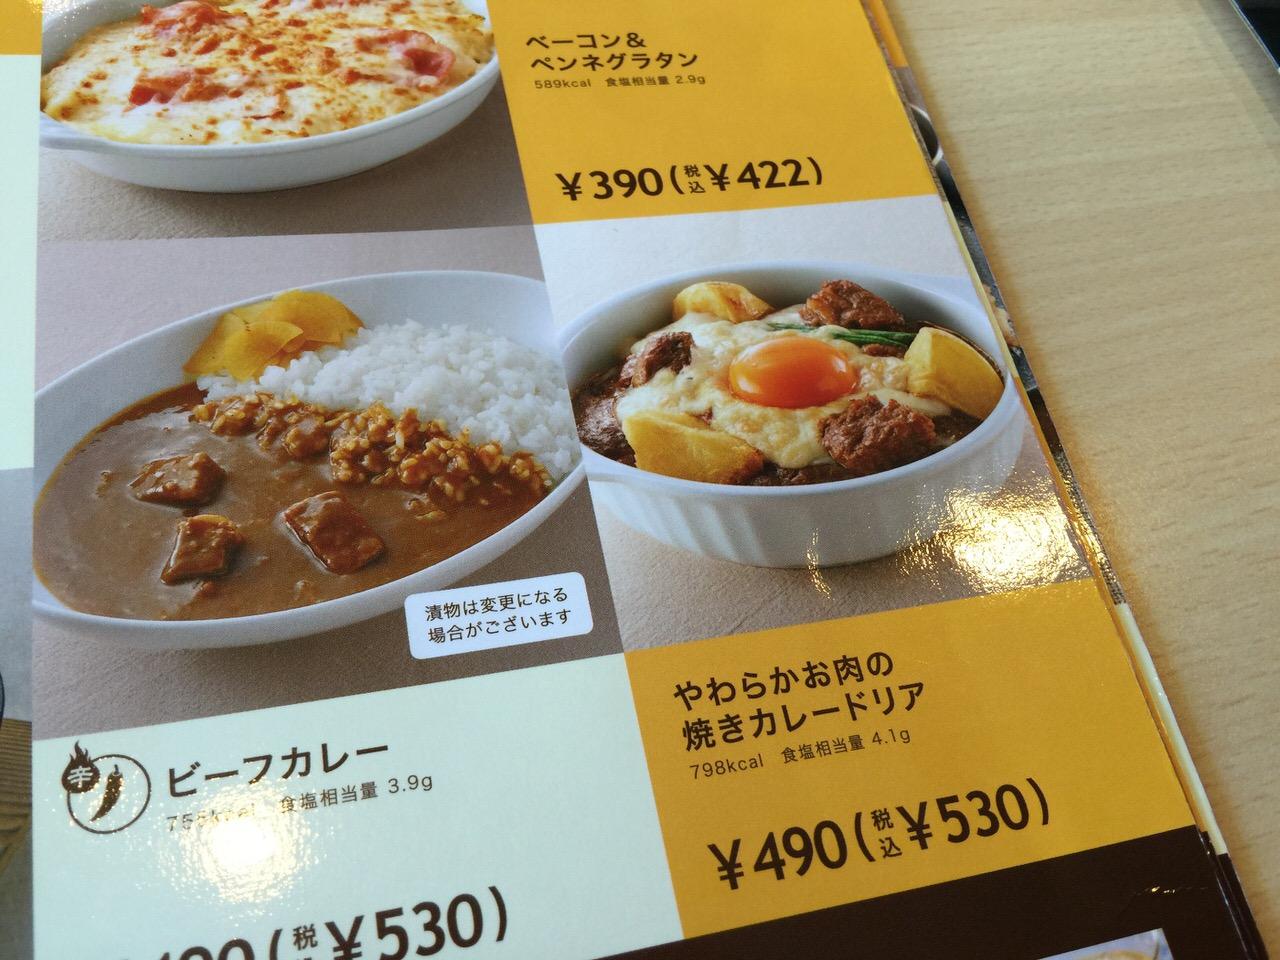 Joyfull yashio 7787